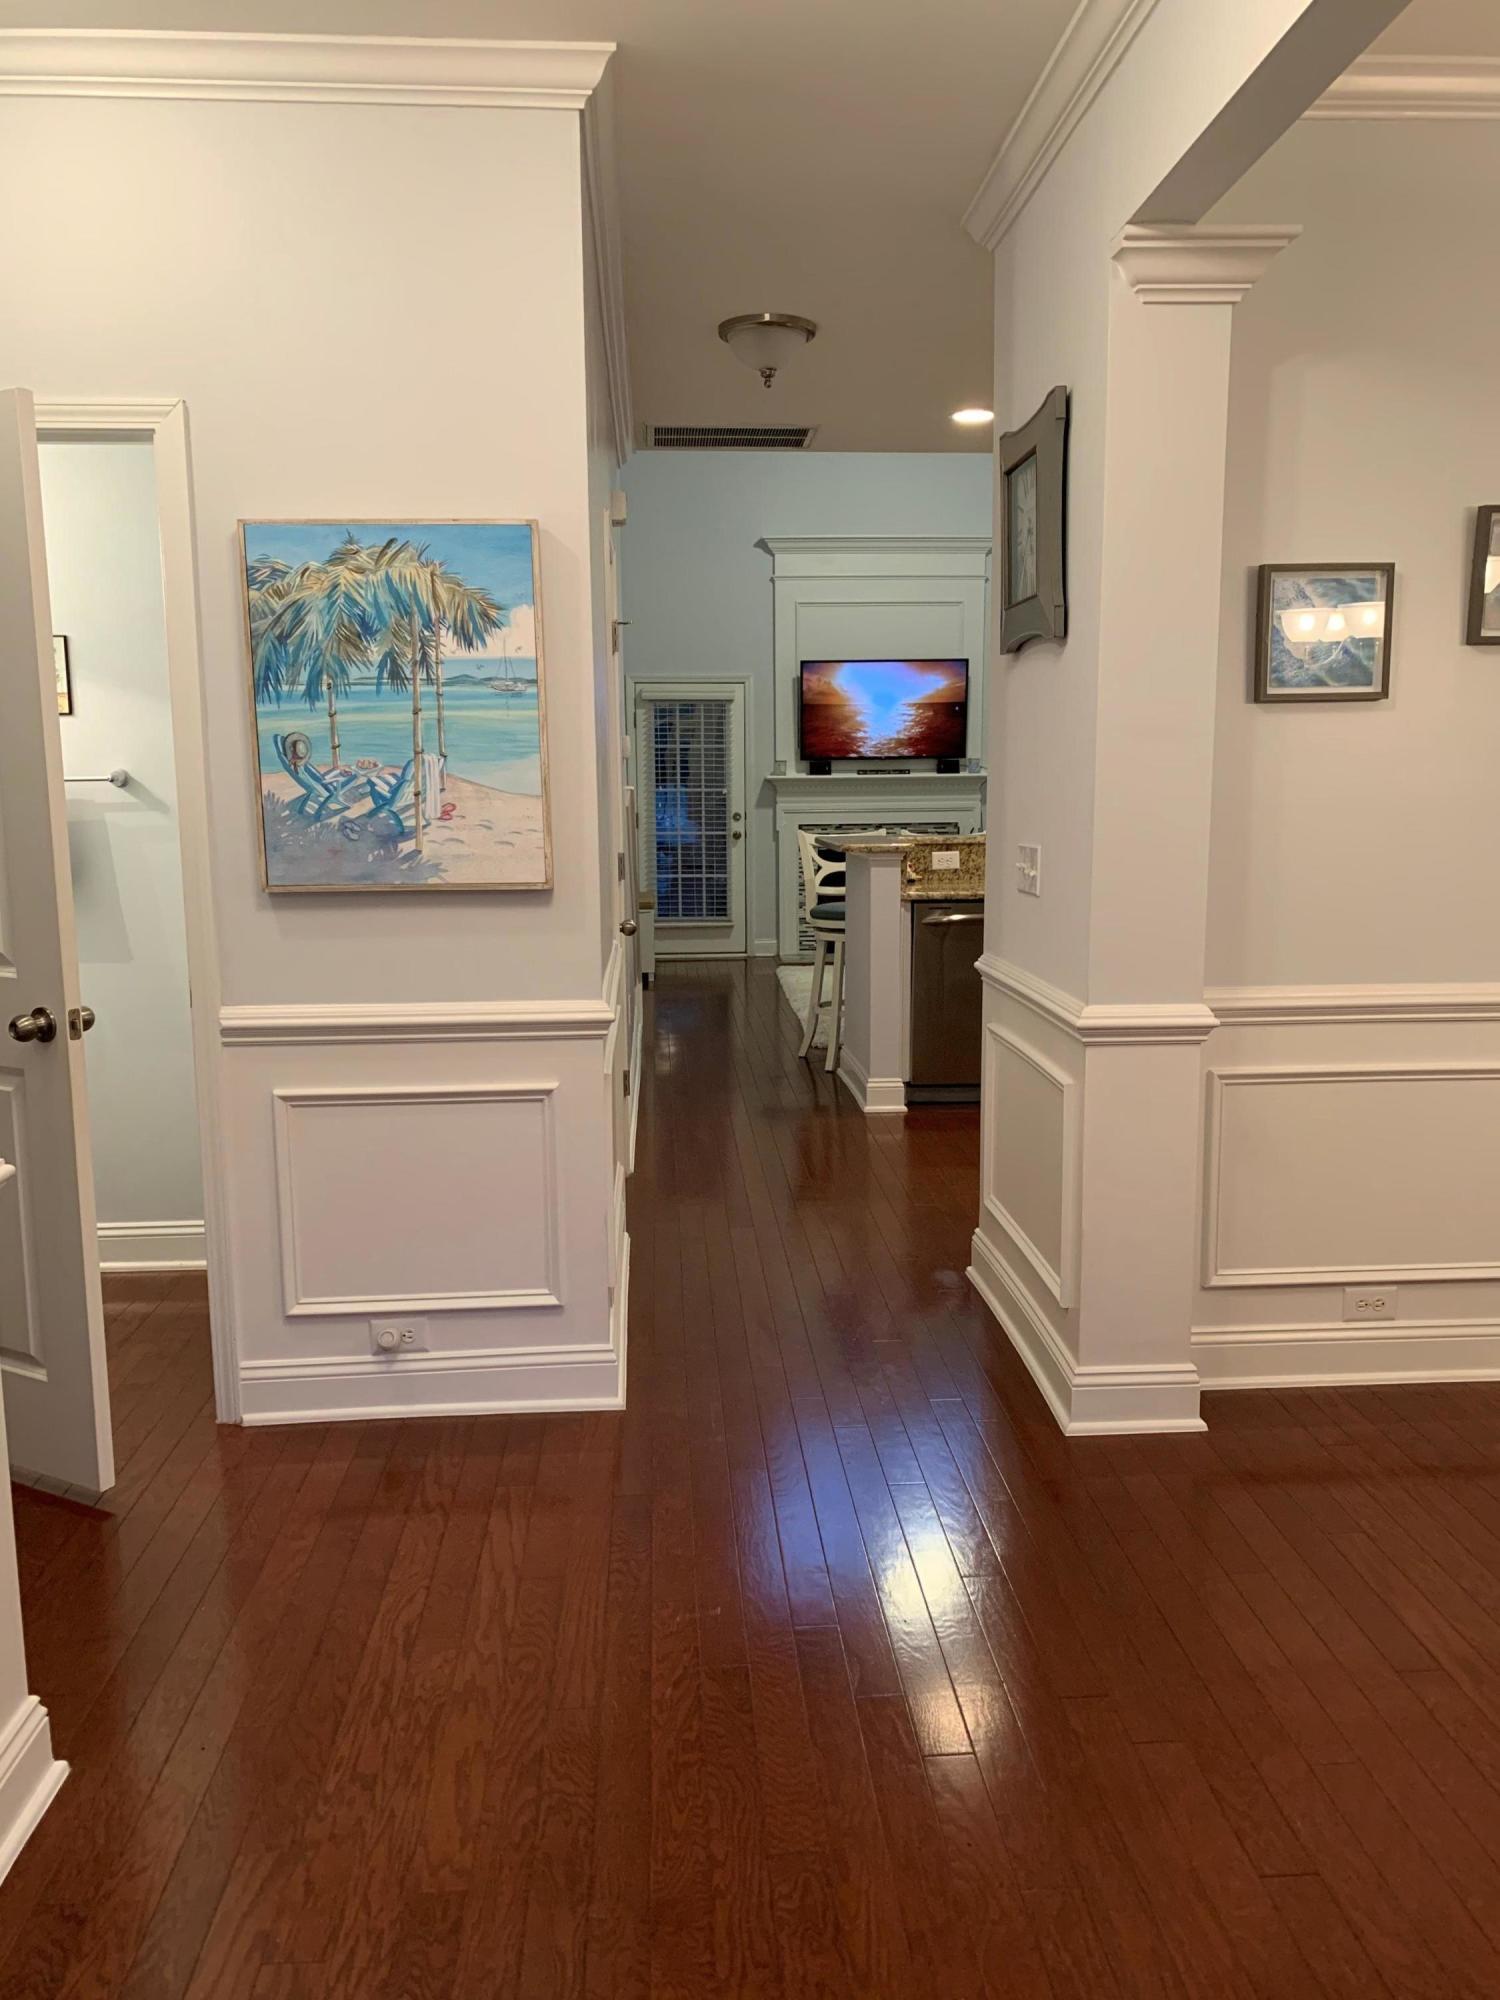 Park West Homes For Sale - 3643 Bagley, Mount Pleasant, SC - 35